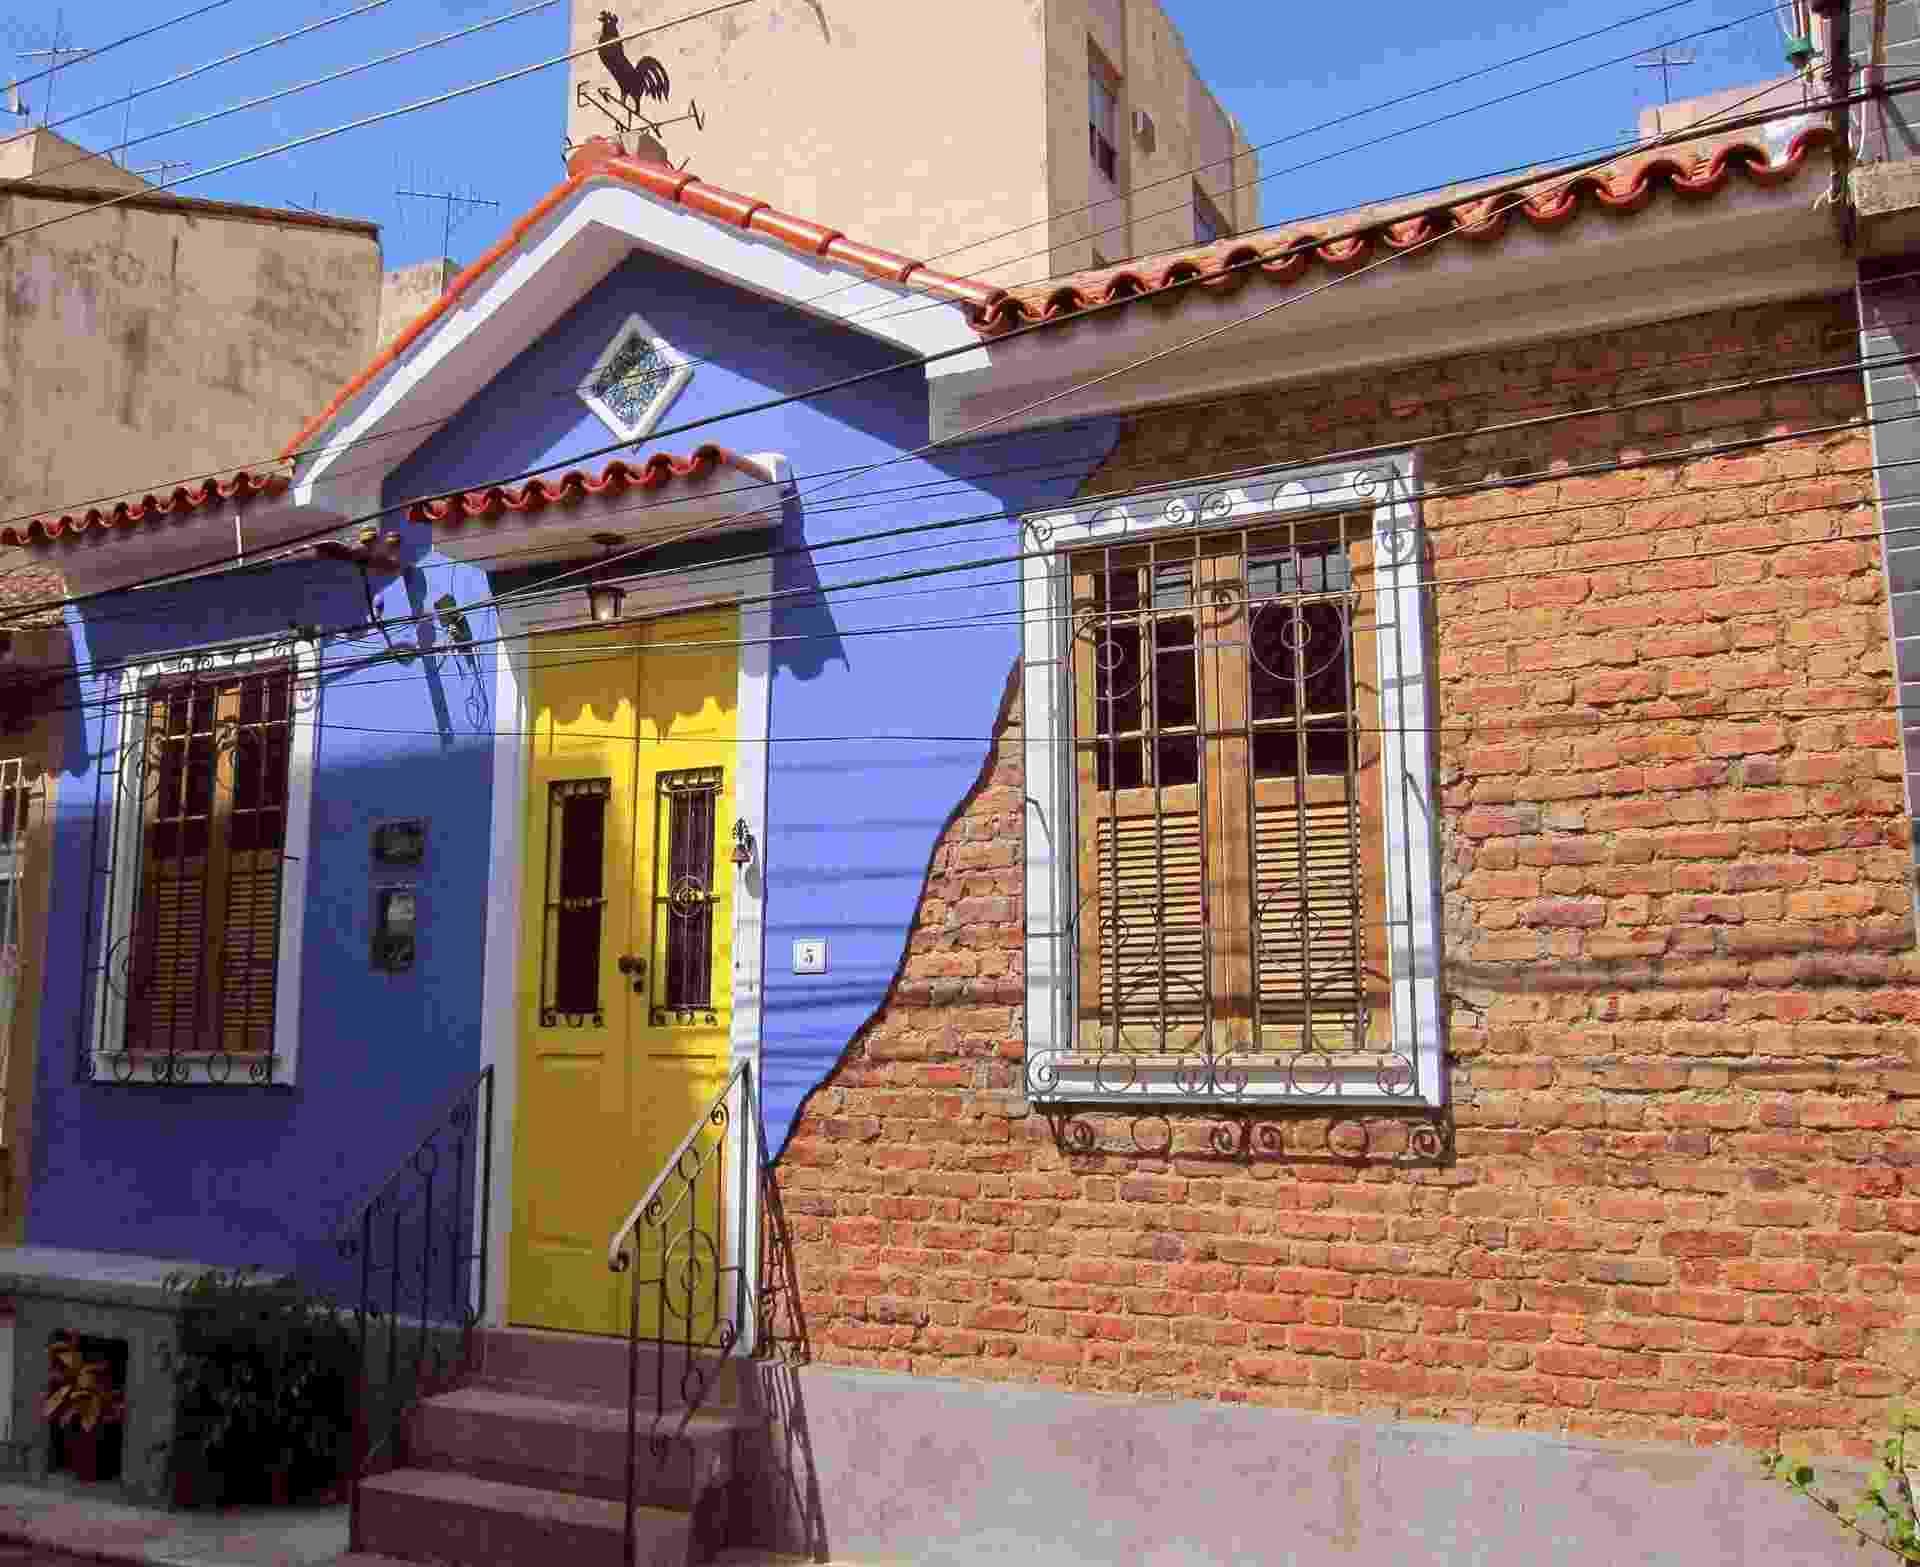 """A simpática casinha de 1936 passou por uma grande reforma, sem ter sua arquitetura descaracterizada. Os tijolos maciços ficaram à vista e contrastam com o reboco arroxeado e a porta amarela. """"O desenho do corrimão foi inspirado no gradil das portas e janelas, que são originais. E para completar a 'vibe' retrô, instalamos um galo de vento no telhado"""", conta a designer Paula Garrido - Divulgação"""